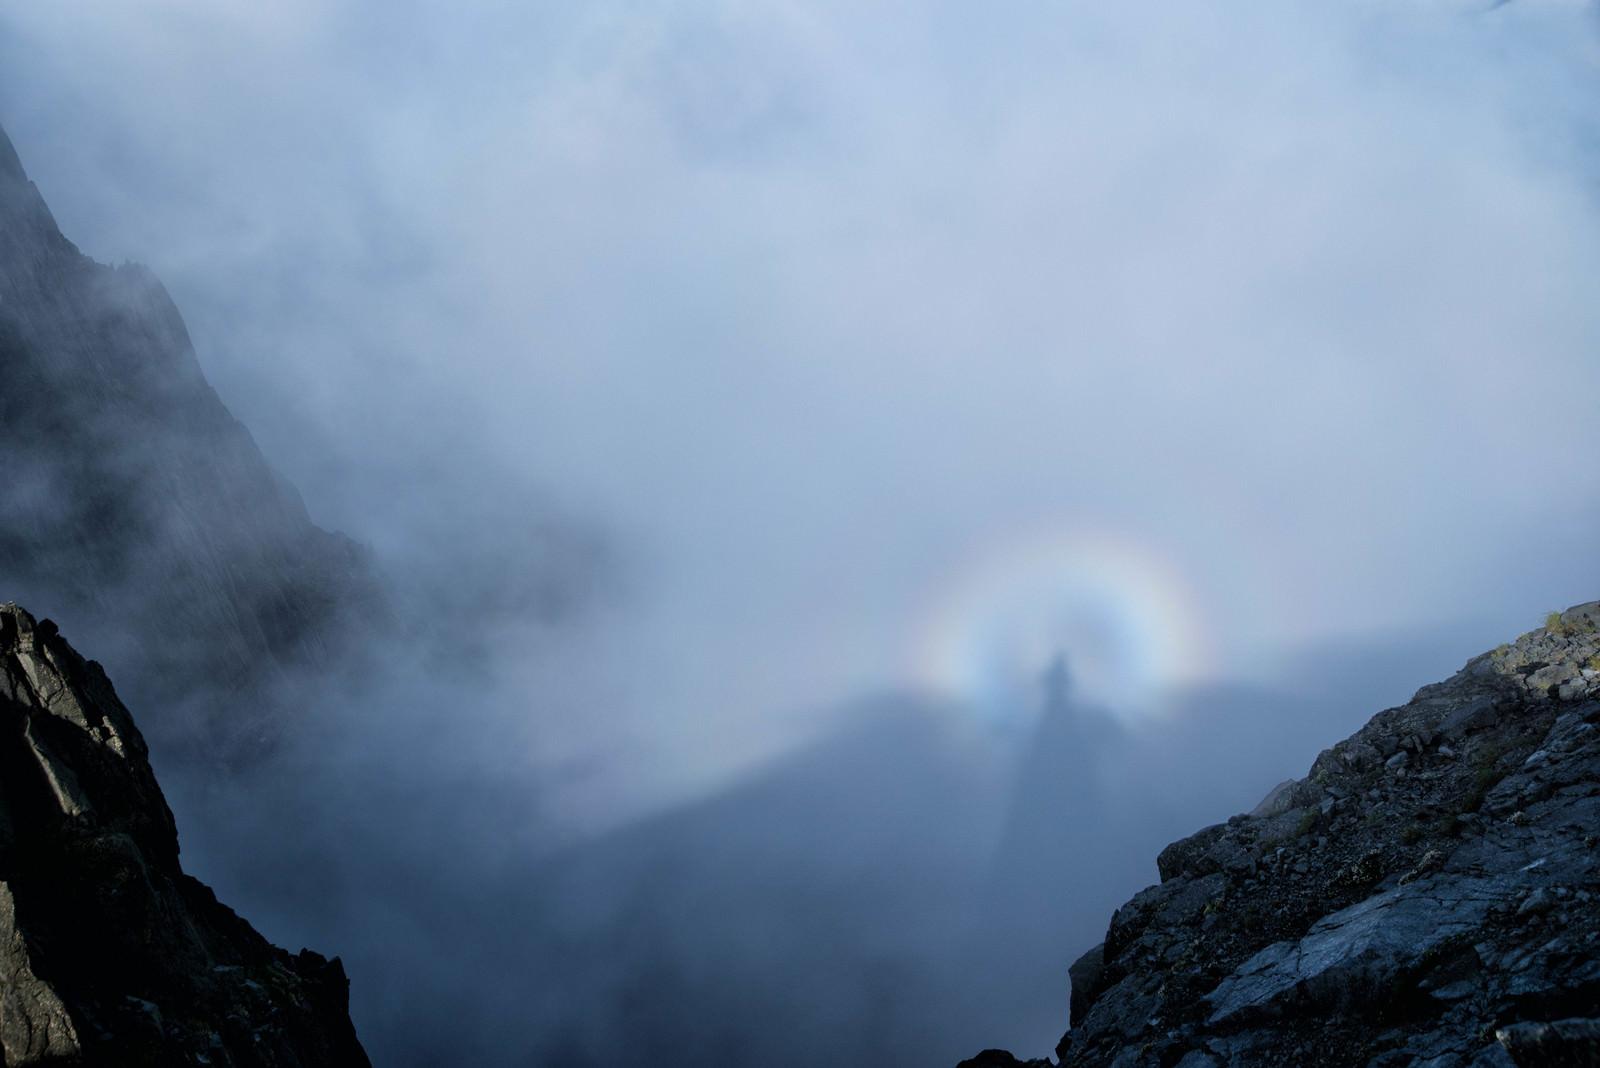 「雲に映る影と虹の光輪(ブロッケン現象)」の写真